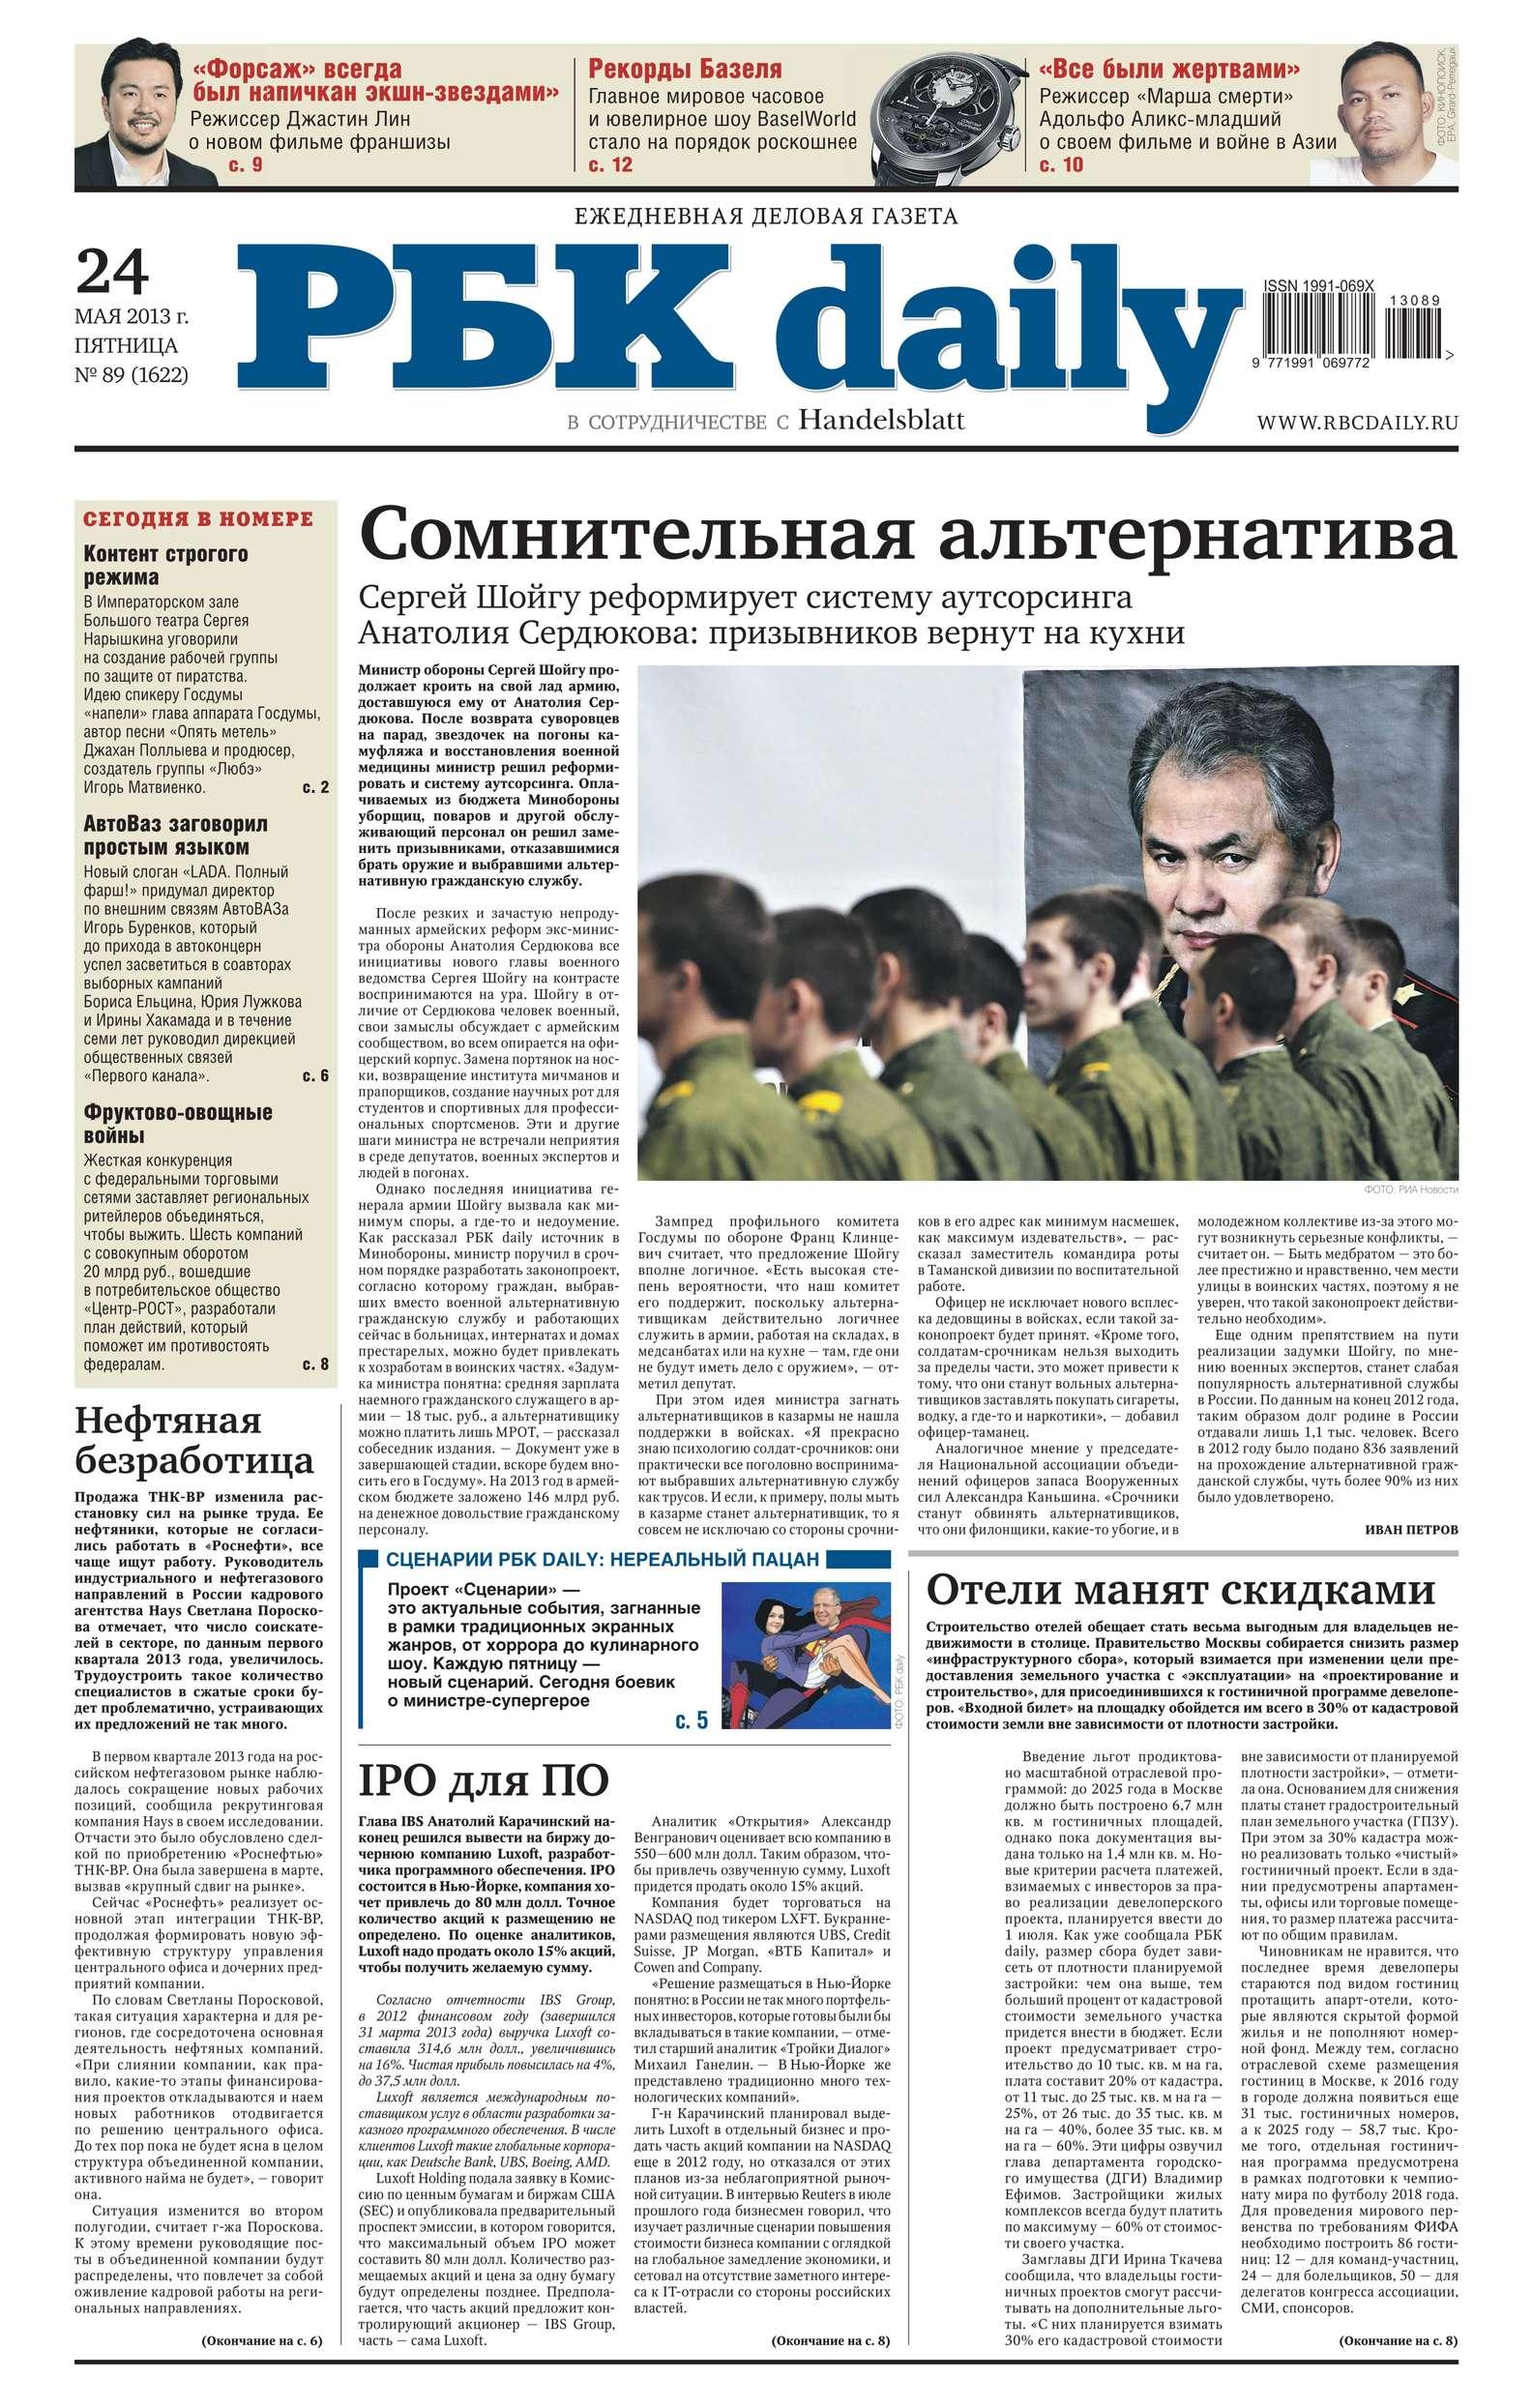 Ежедневная деловая газета 89-2013